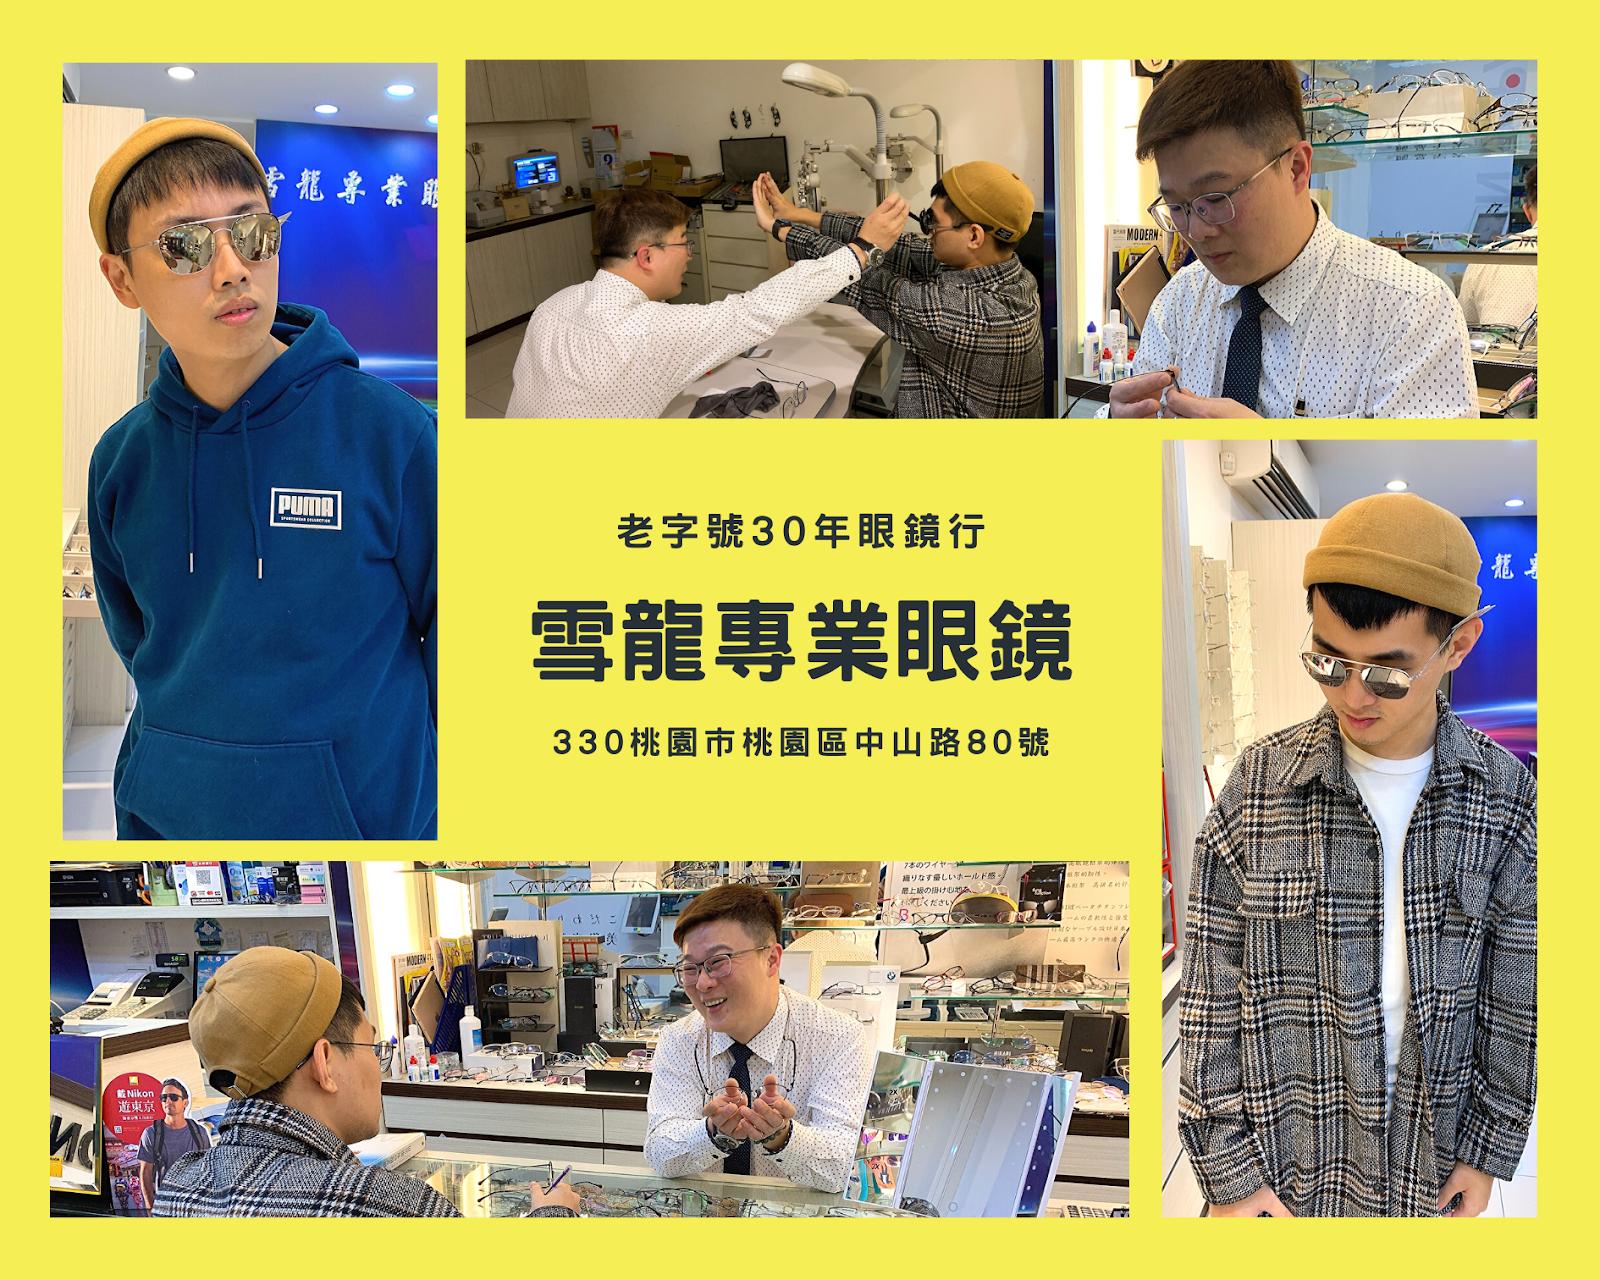 桃園_雪龍眼鏡推薦/鏡框款式豐富、配鏡專業價格實在、快來給資歷20年以上專業驗光師服務!